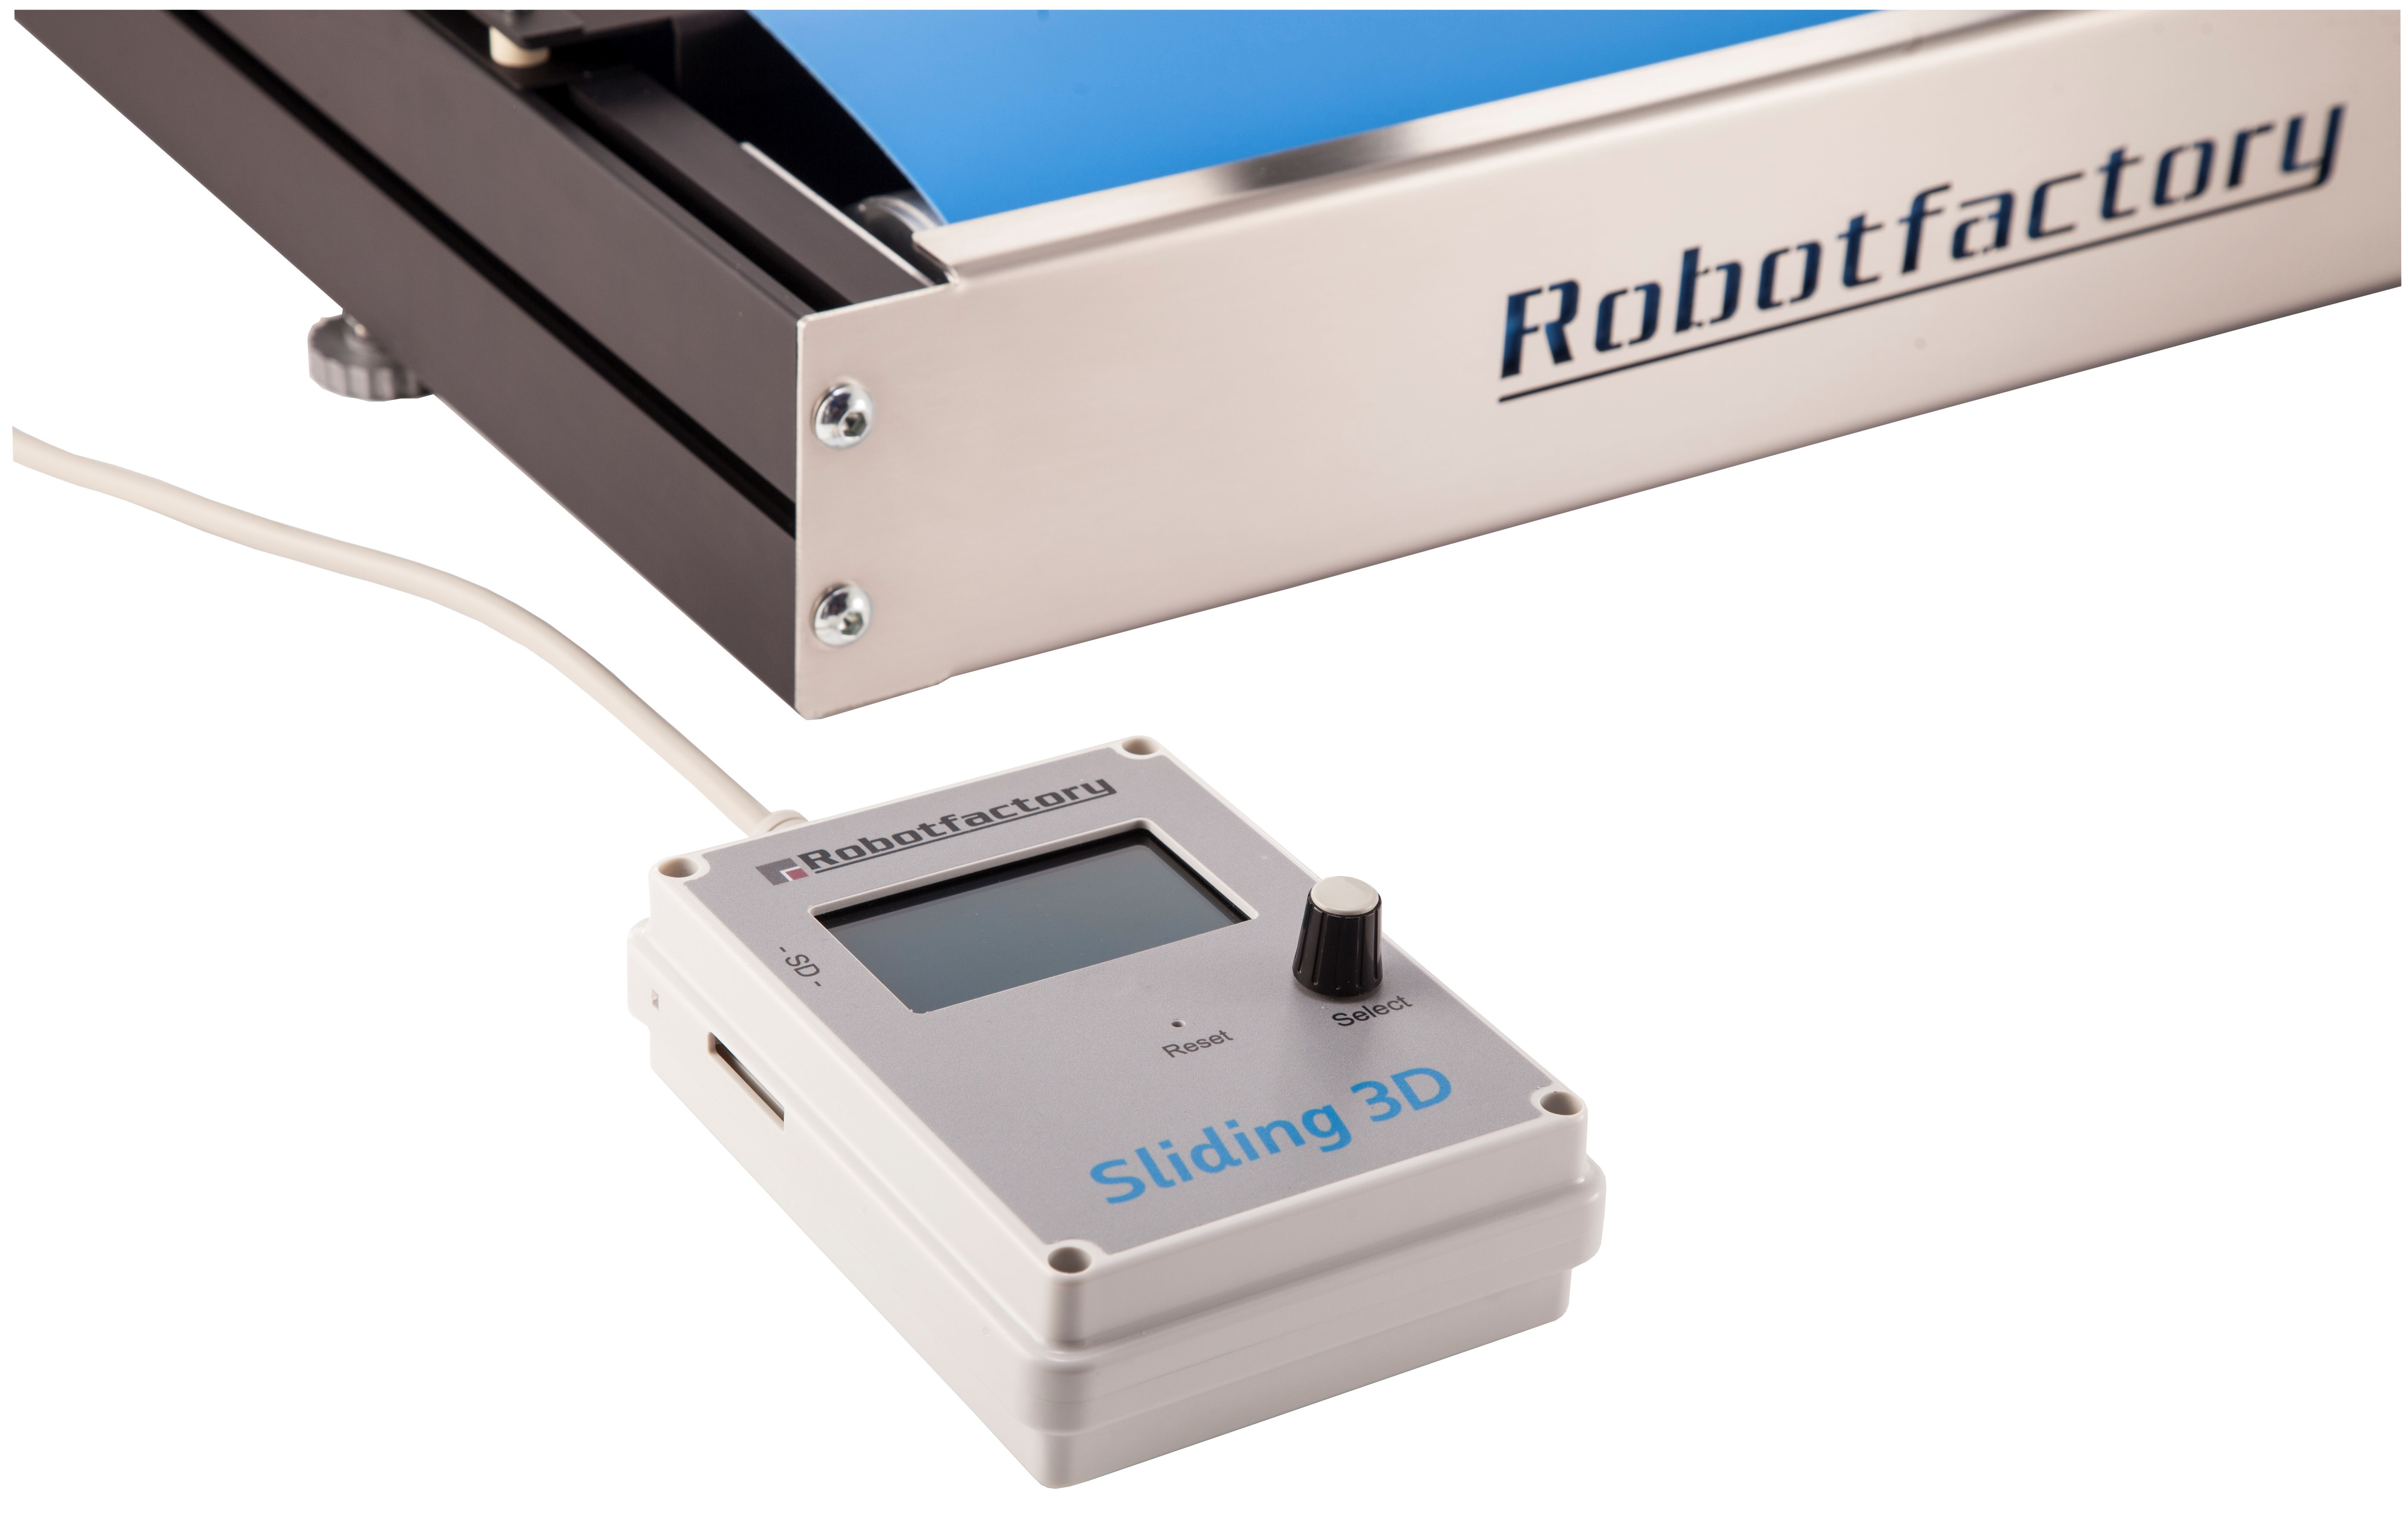 """Sliding 3D neuer 3D Drucker mit unendlicher Druckoberfl%C3%A4chew - Sliding-3D: neuer 3D-Drucker mit """"unendlicher"""" Druckoberfläche"""